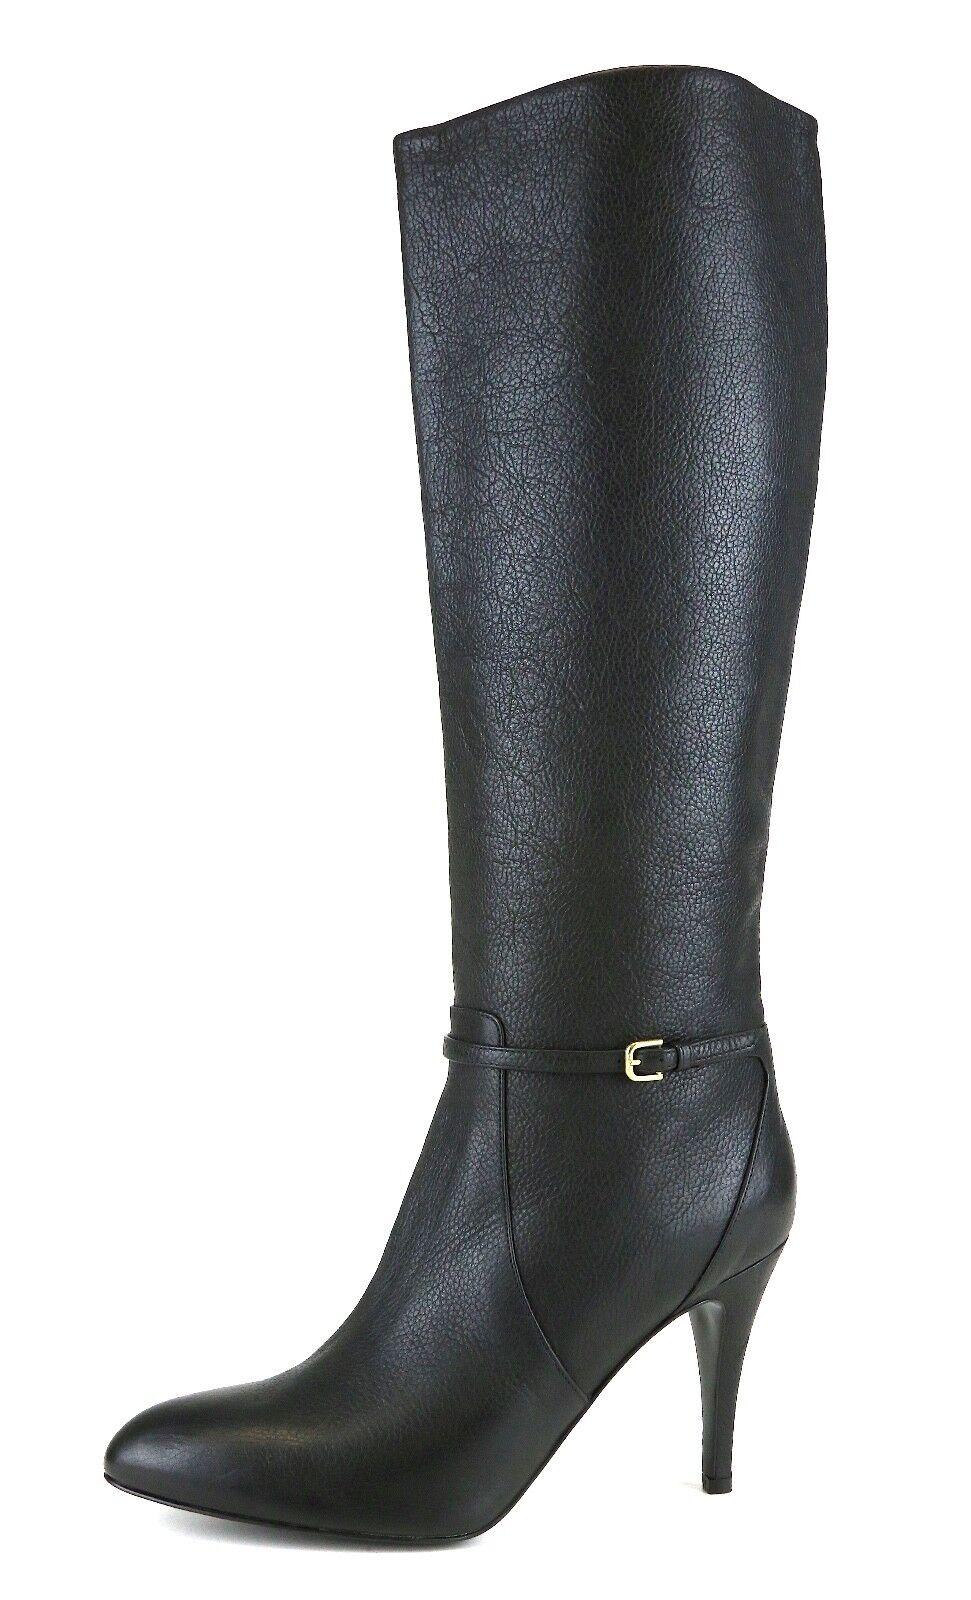 J. Crew Keegan Tacón Alto Bota De De De Cuero Negro para Mujeres Talla 9.5 5093   nueva gama alta exclusiva